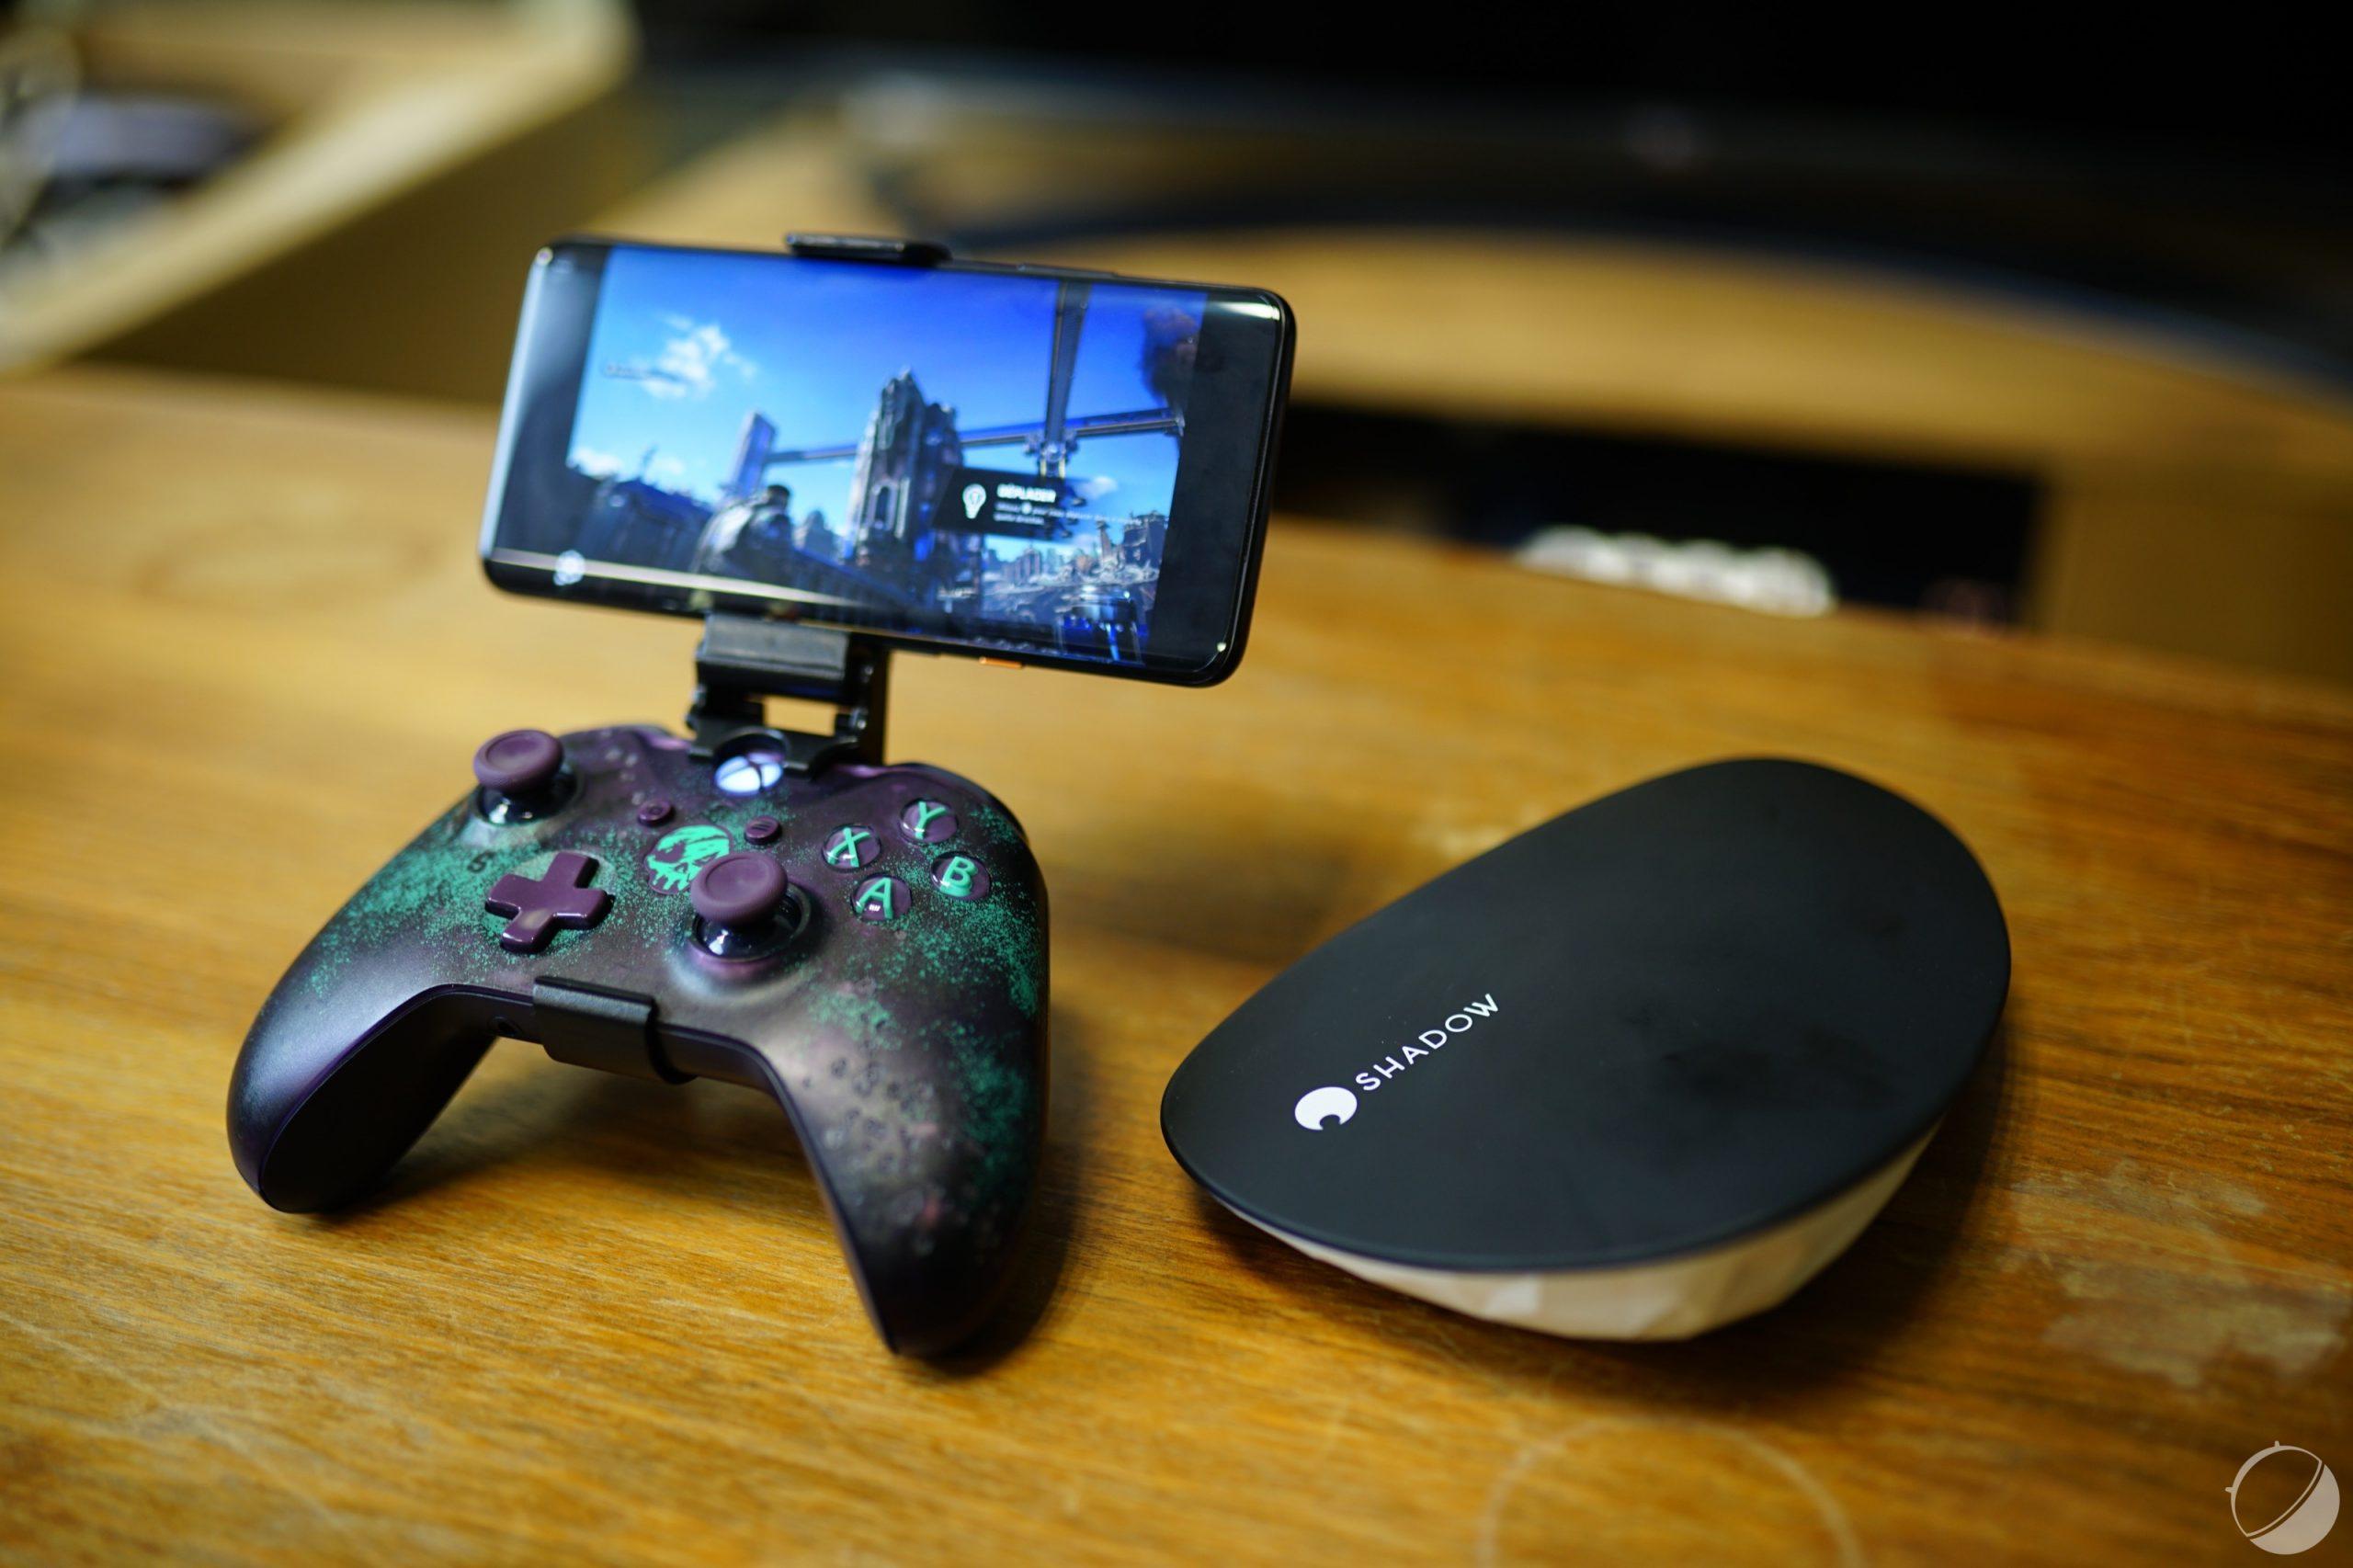 Google Stadia, Geforce Now, Shadow, Xcloud, Ps Now : Quelle avec Jeux Gratuit Sur Tablette Sans Telechargement